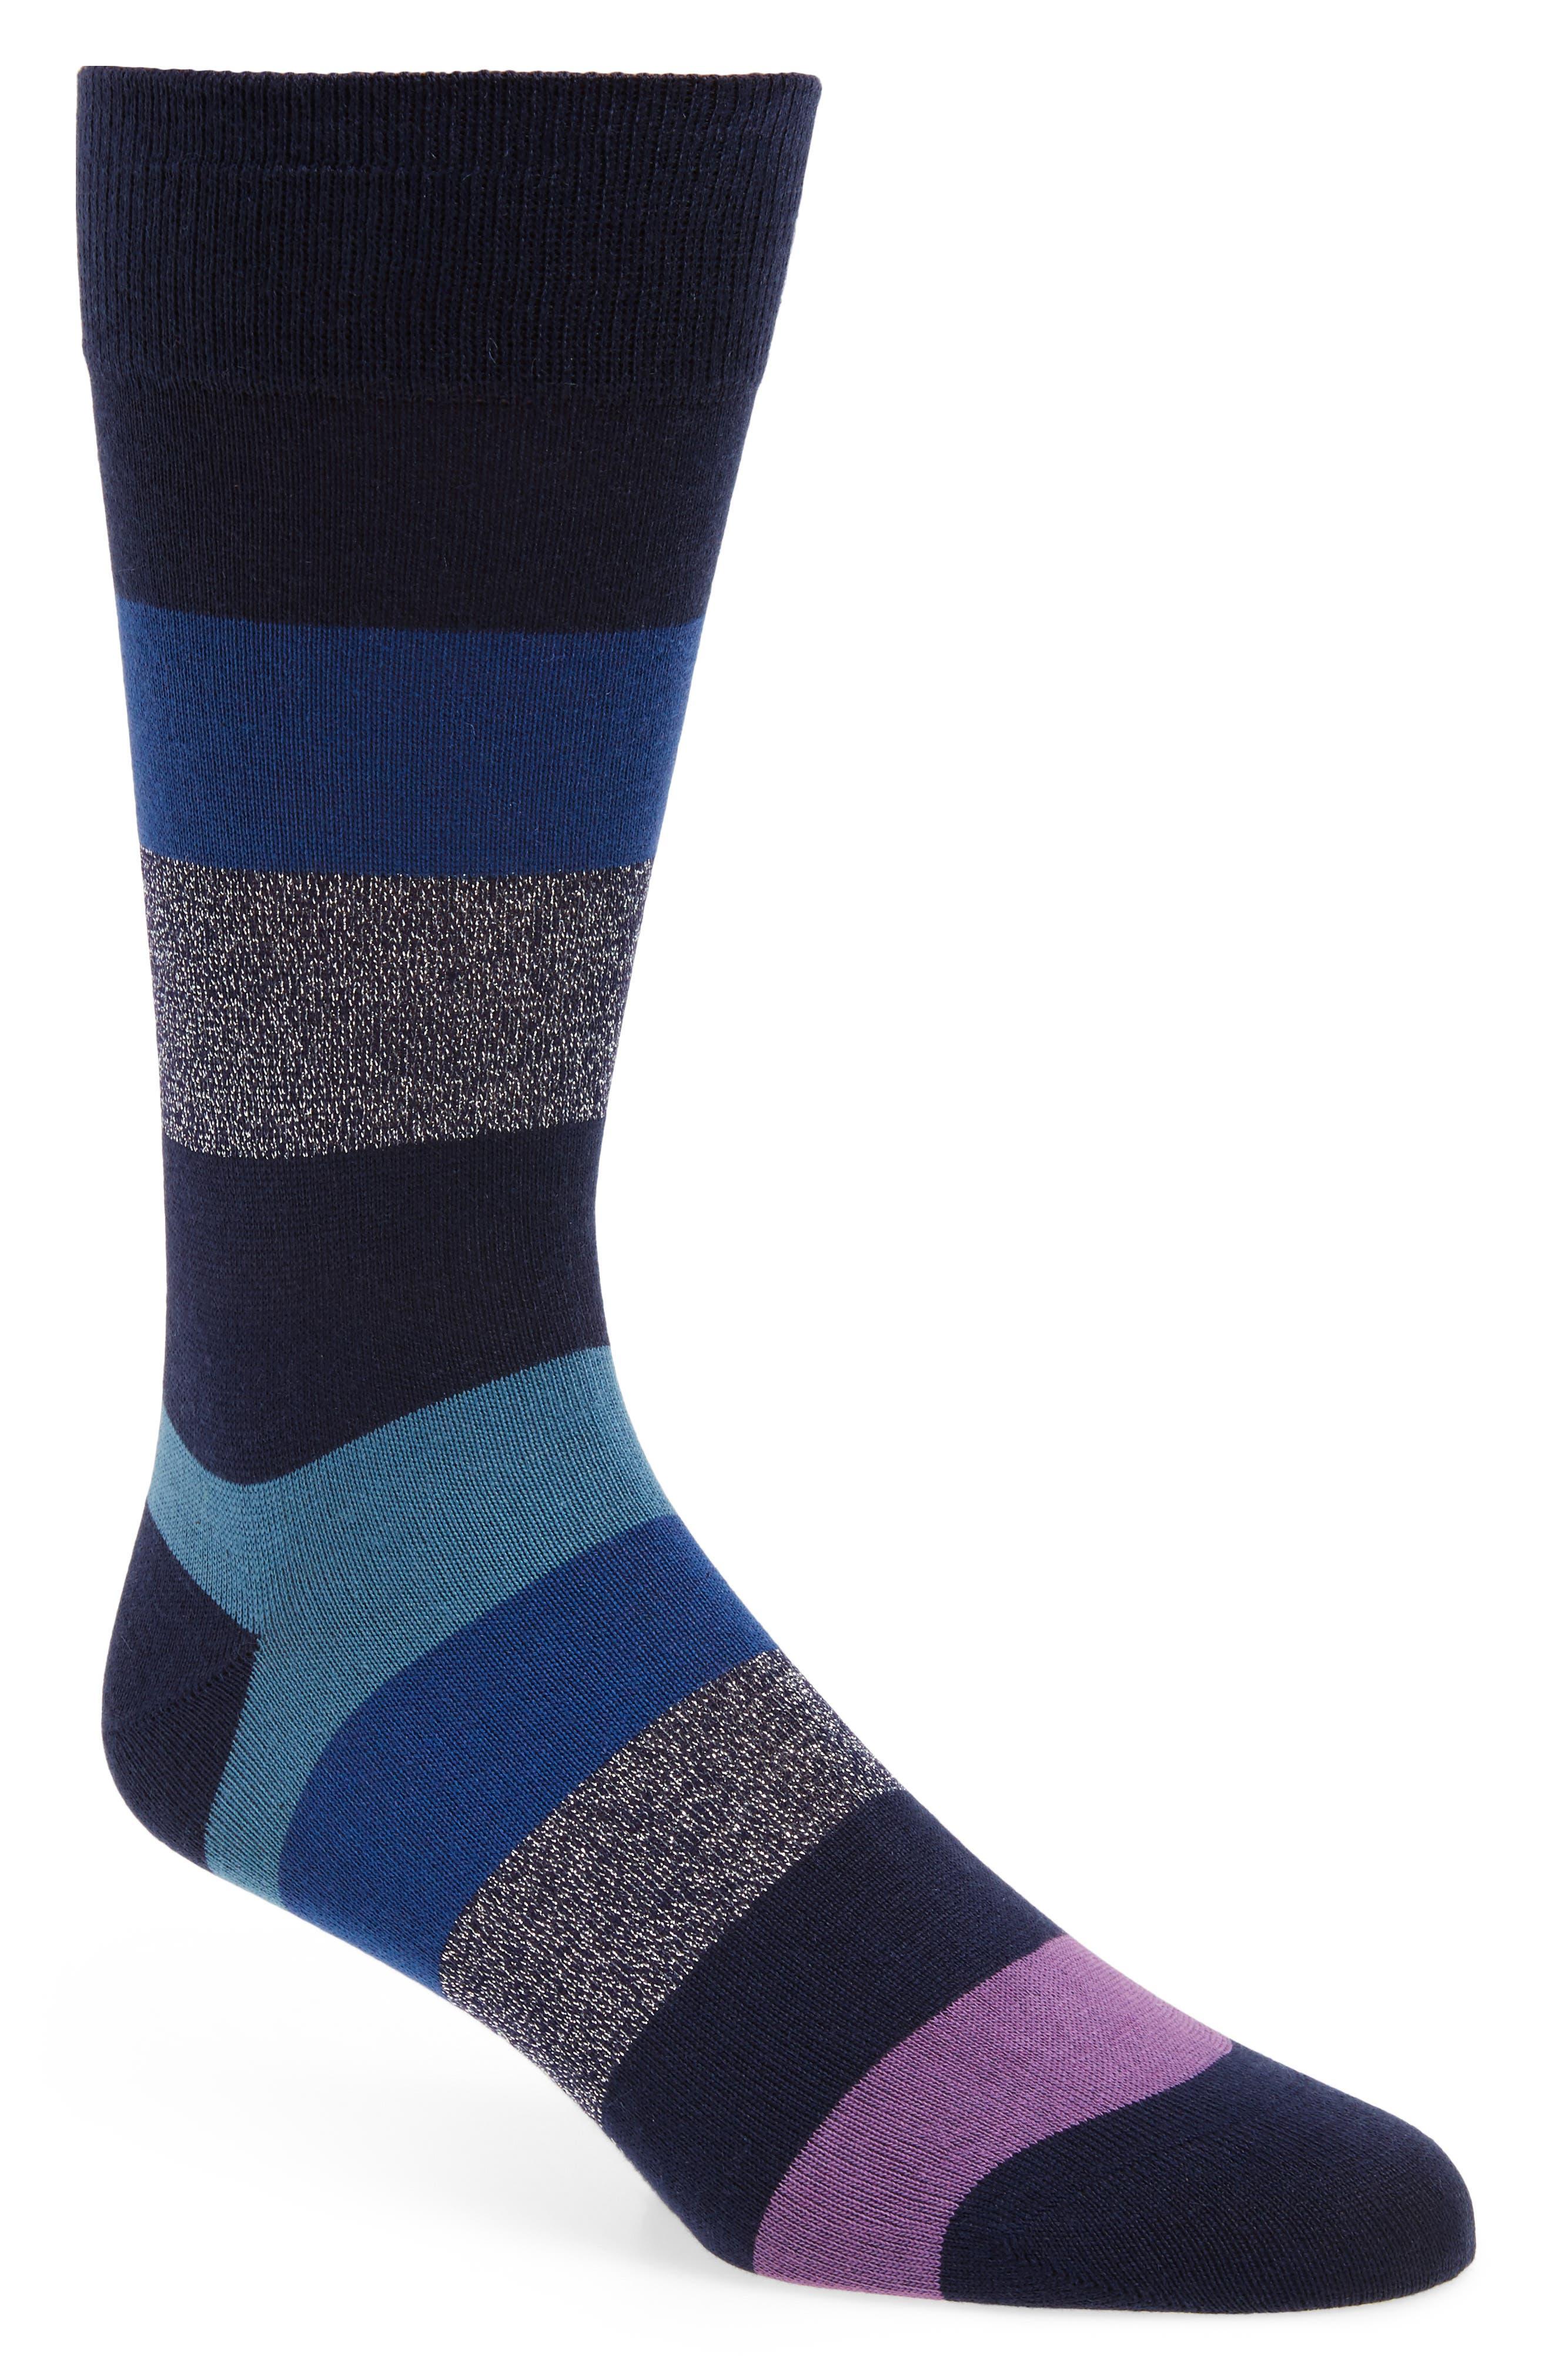 Paul Smith Starlight Socks